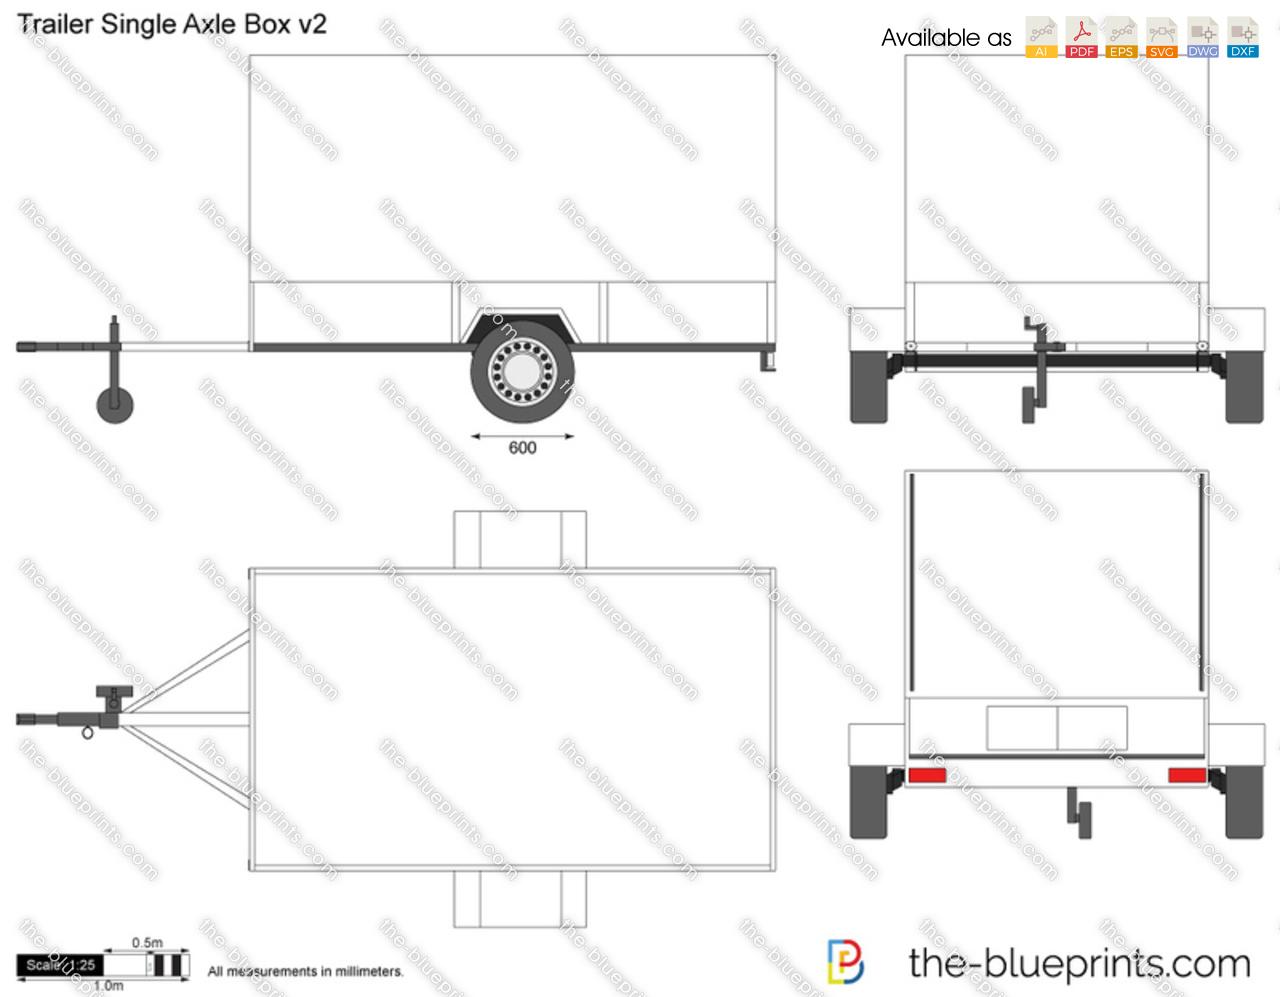 Trailer Single Axle Box v2